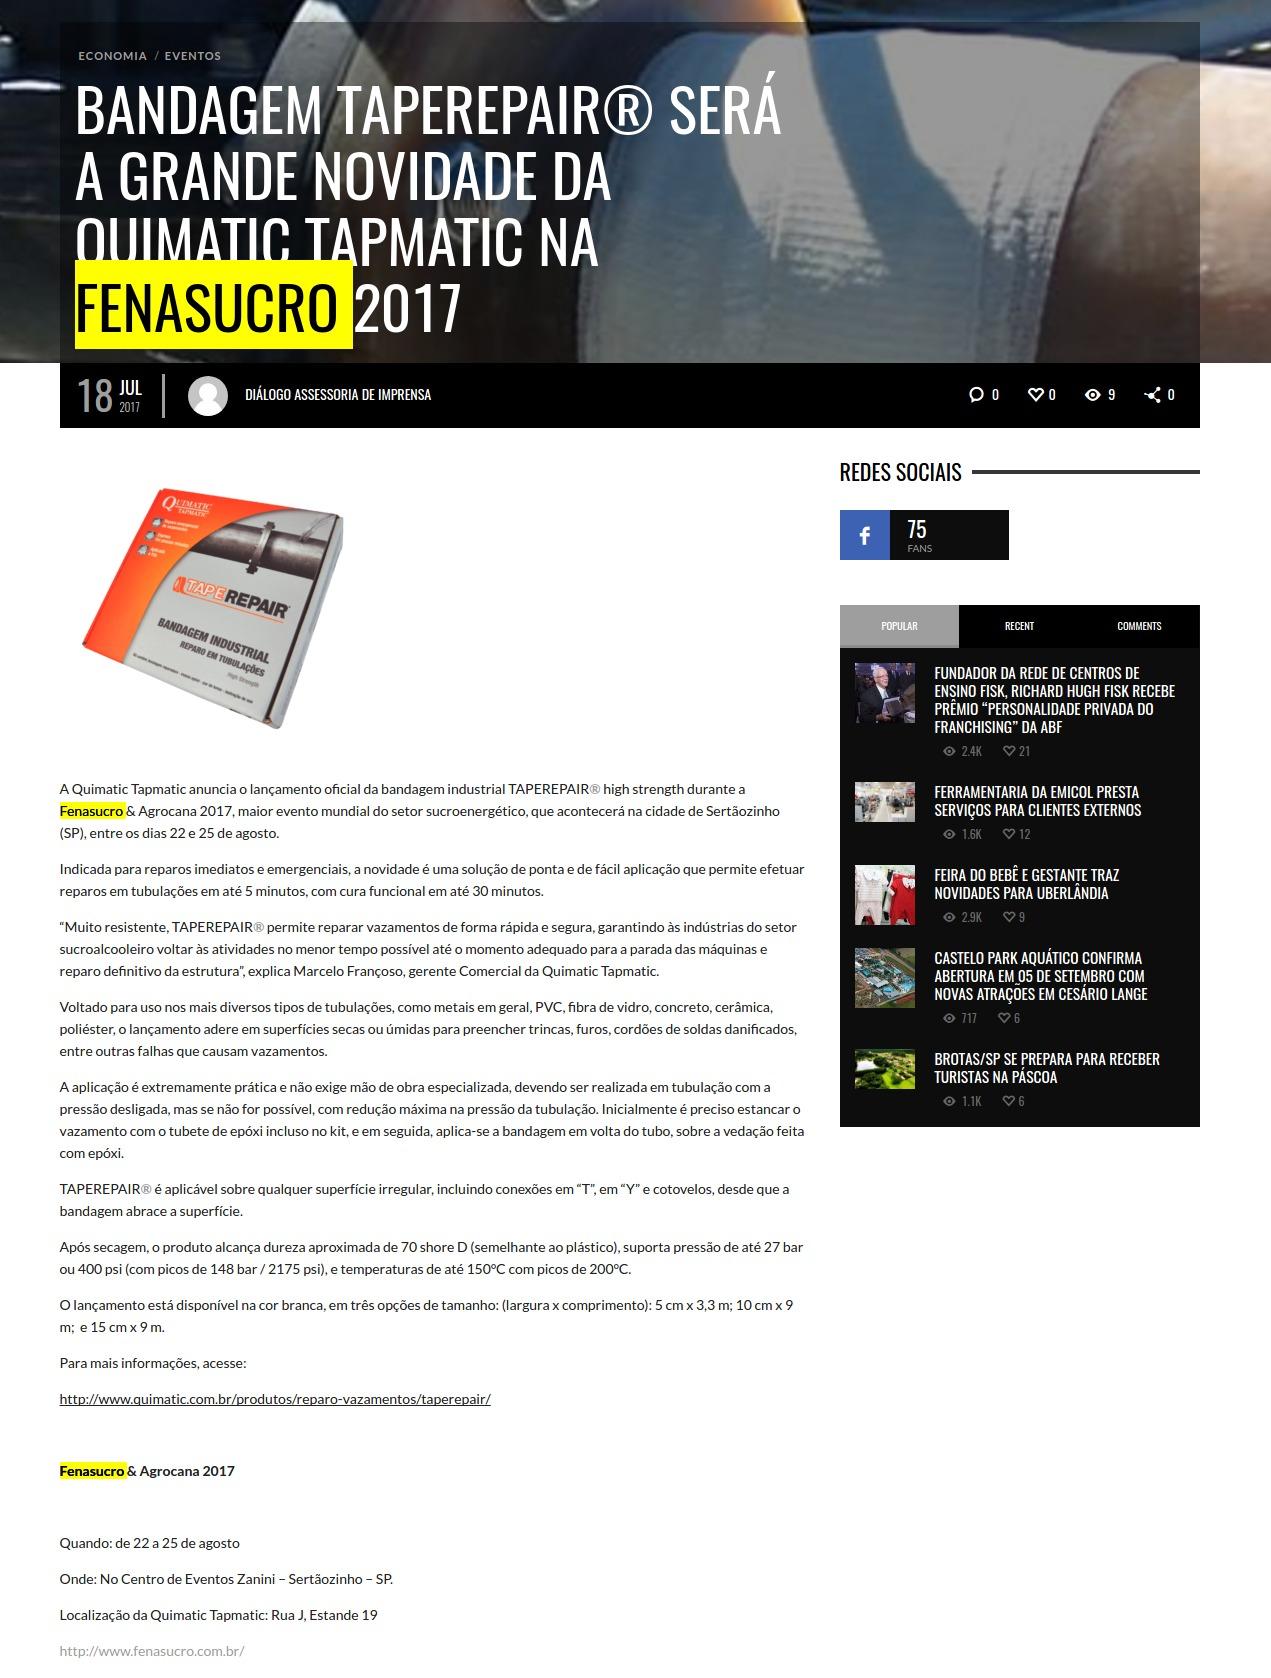 41e09a358 A Quimatic Tapmatic anuncia o lançamento oficial da bandagem industrial  TAPEREPAIR® high strength durante a Fenasucro & Agrocana 2017, maior evento  mundial ...